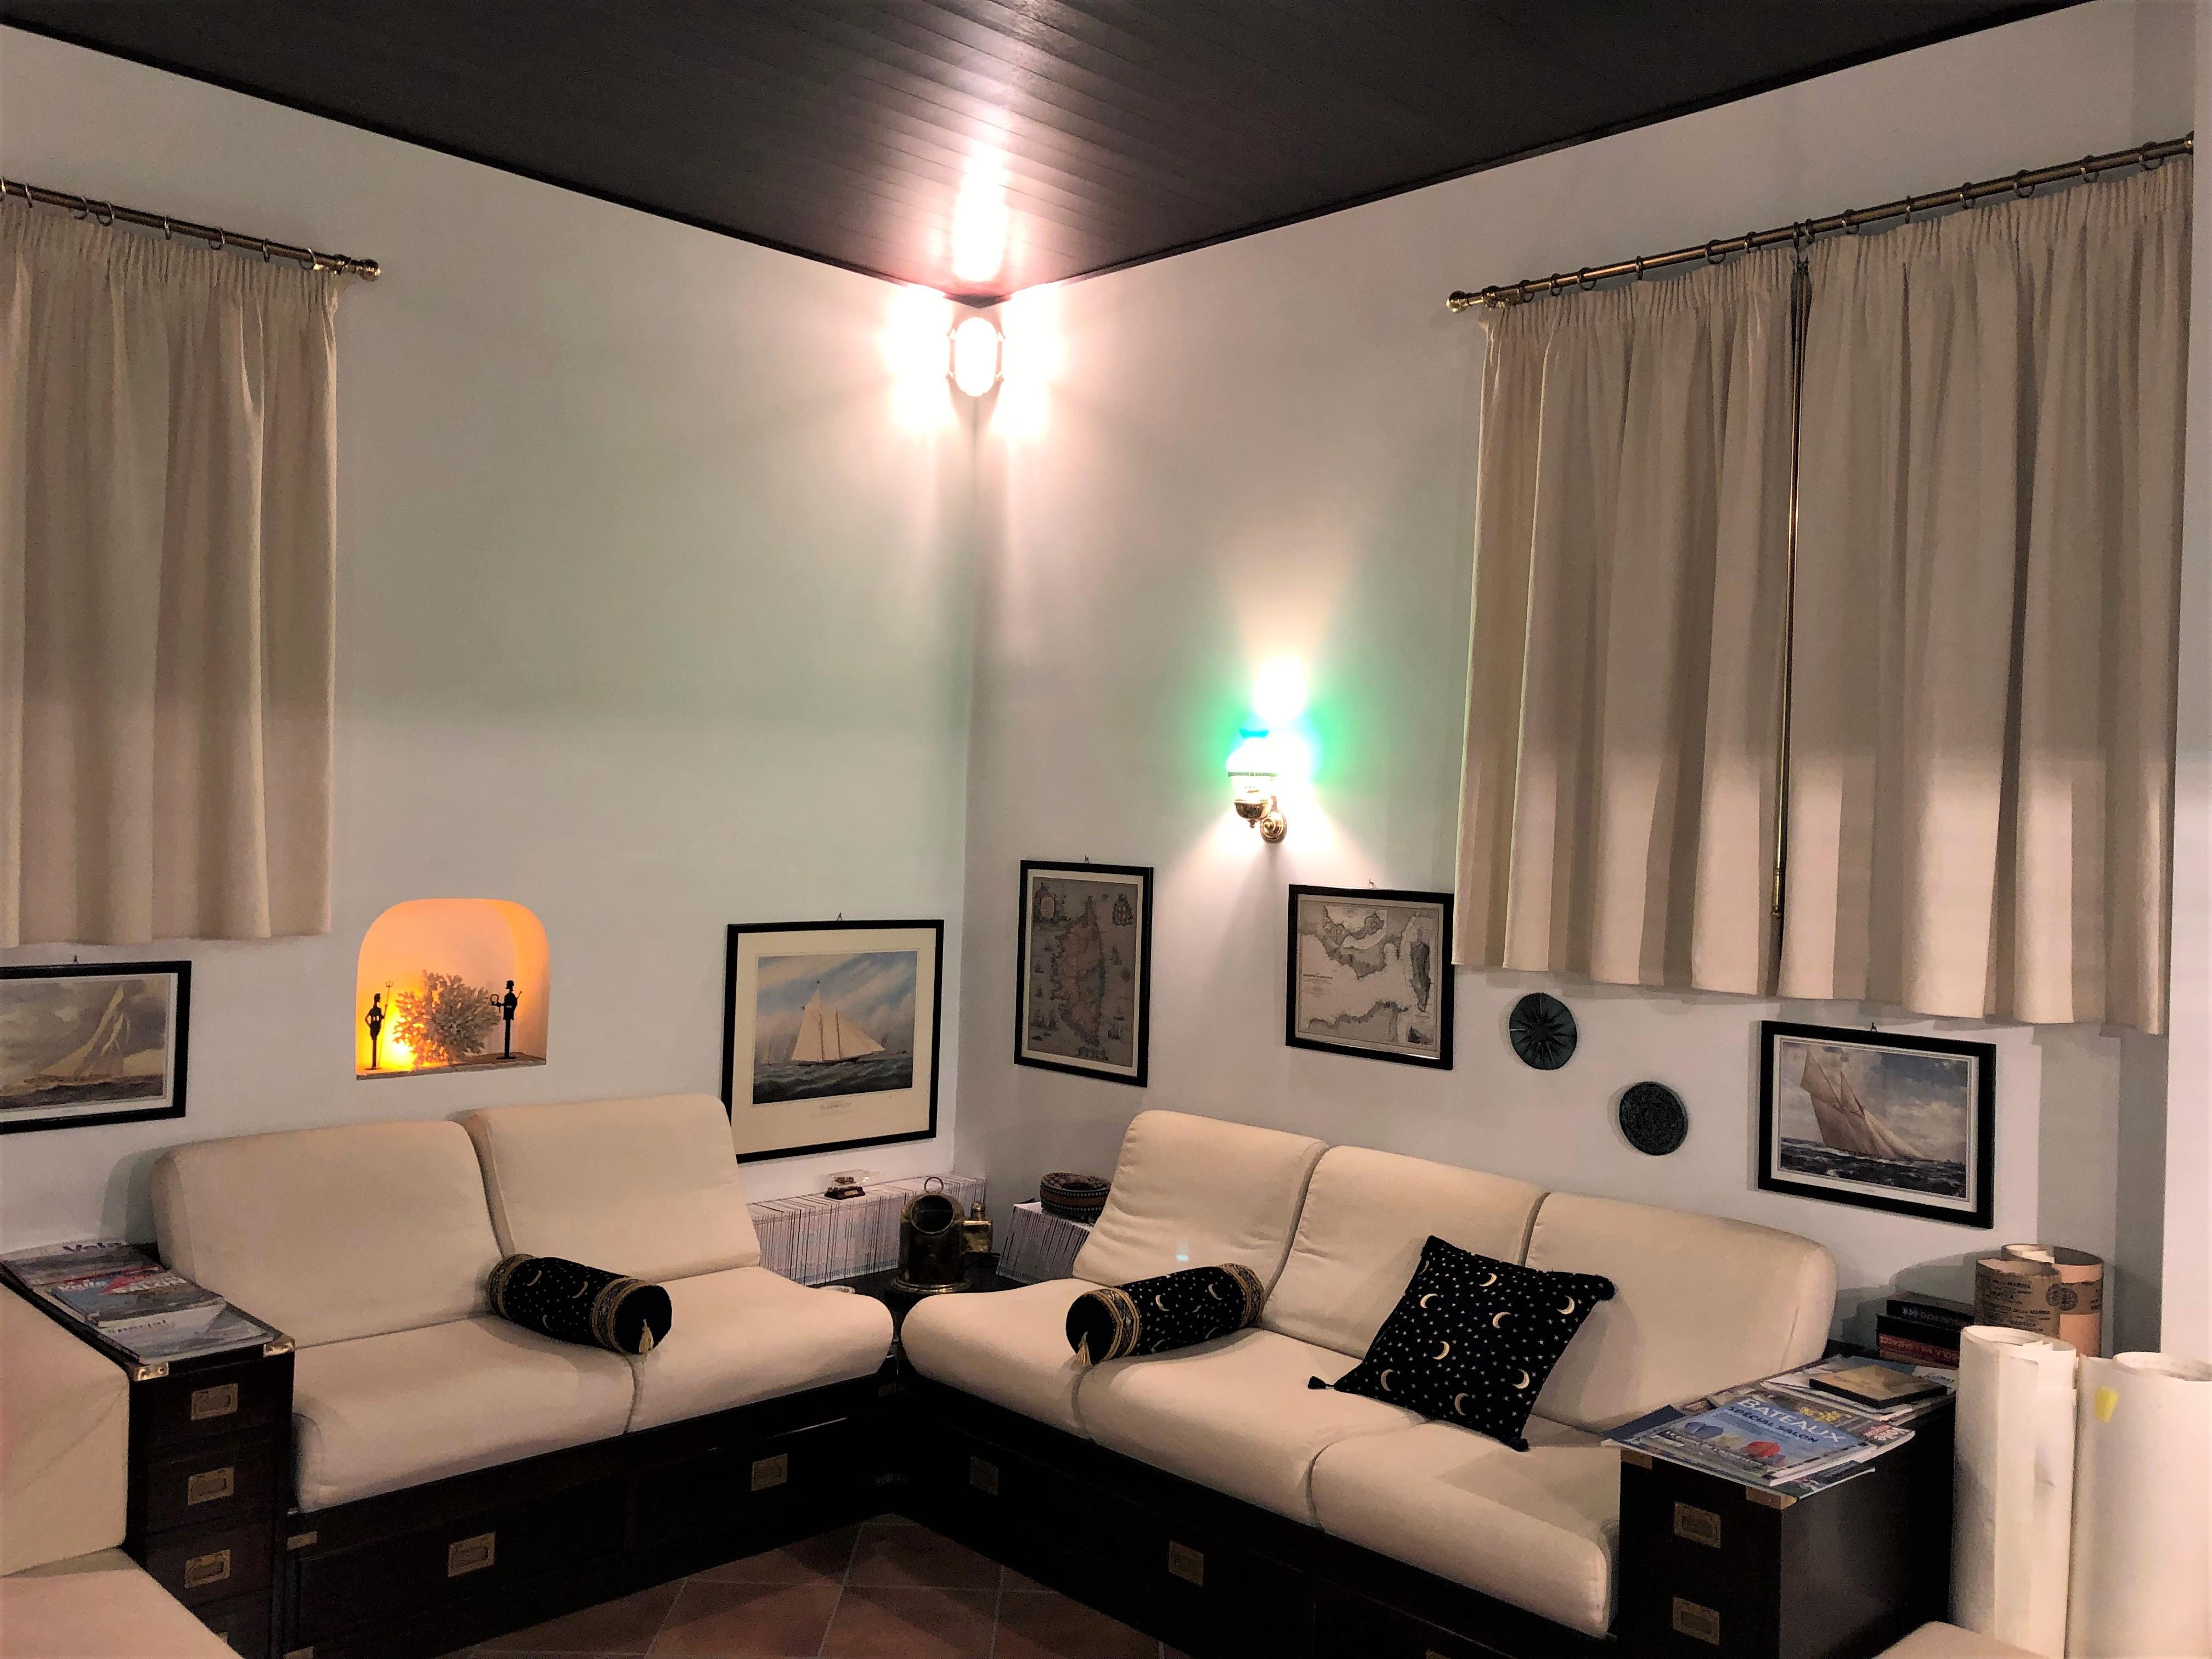 Villa Villa for sale Roseto degli Abruzzi (TE), Villa del Marinaio - Roseto degli Abruzzi - EUR 385.559 760